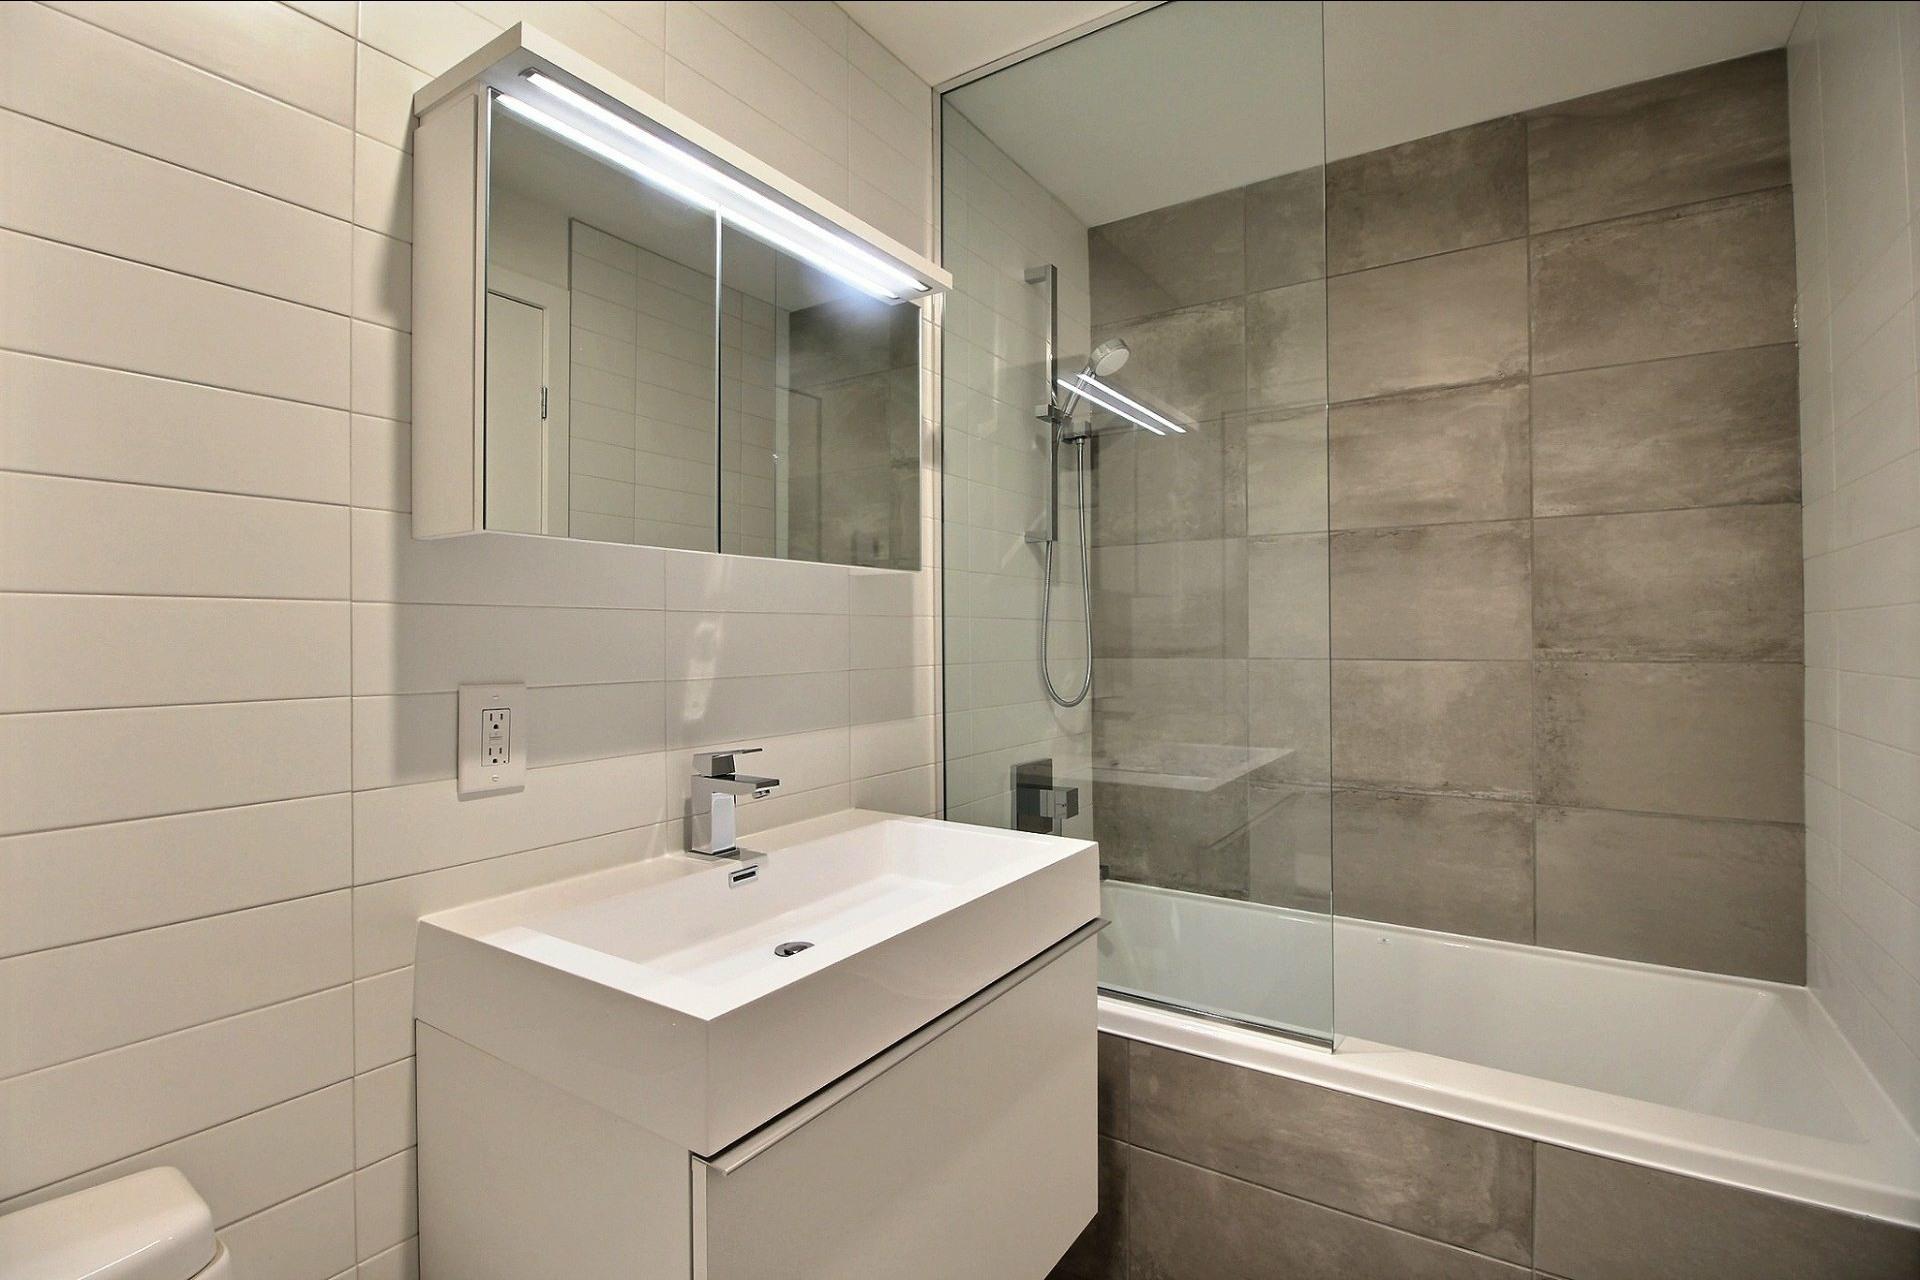 image 9 - Appartement À louer Montréal Le Sud-Ouest  - 4 pièces